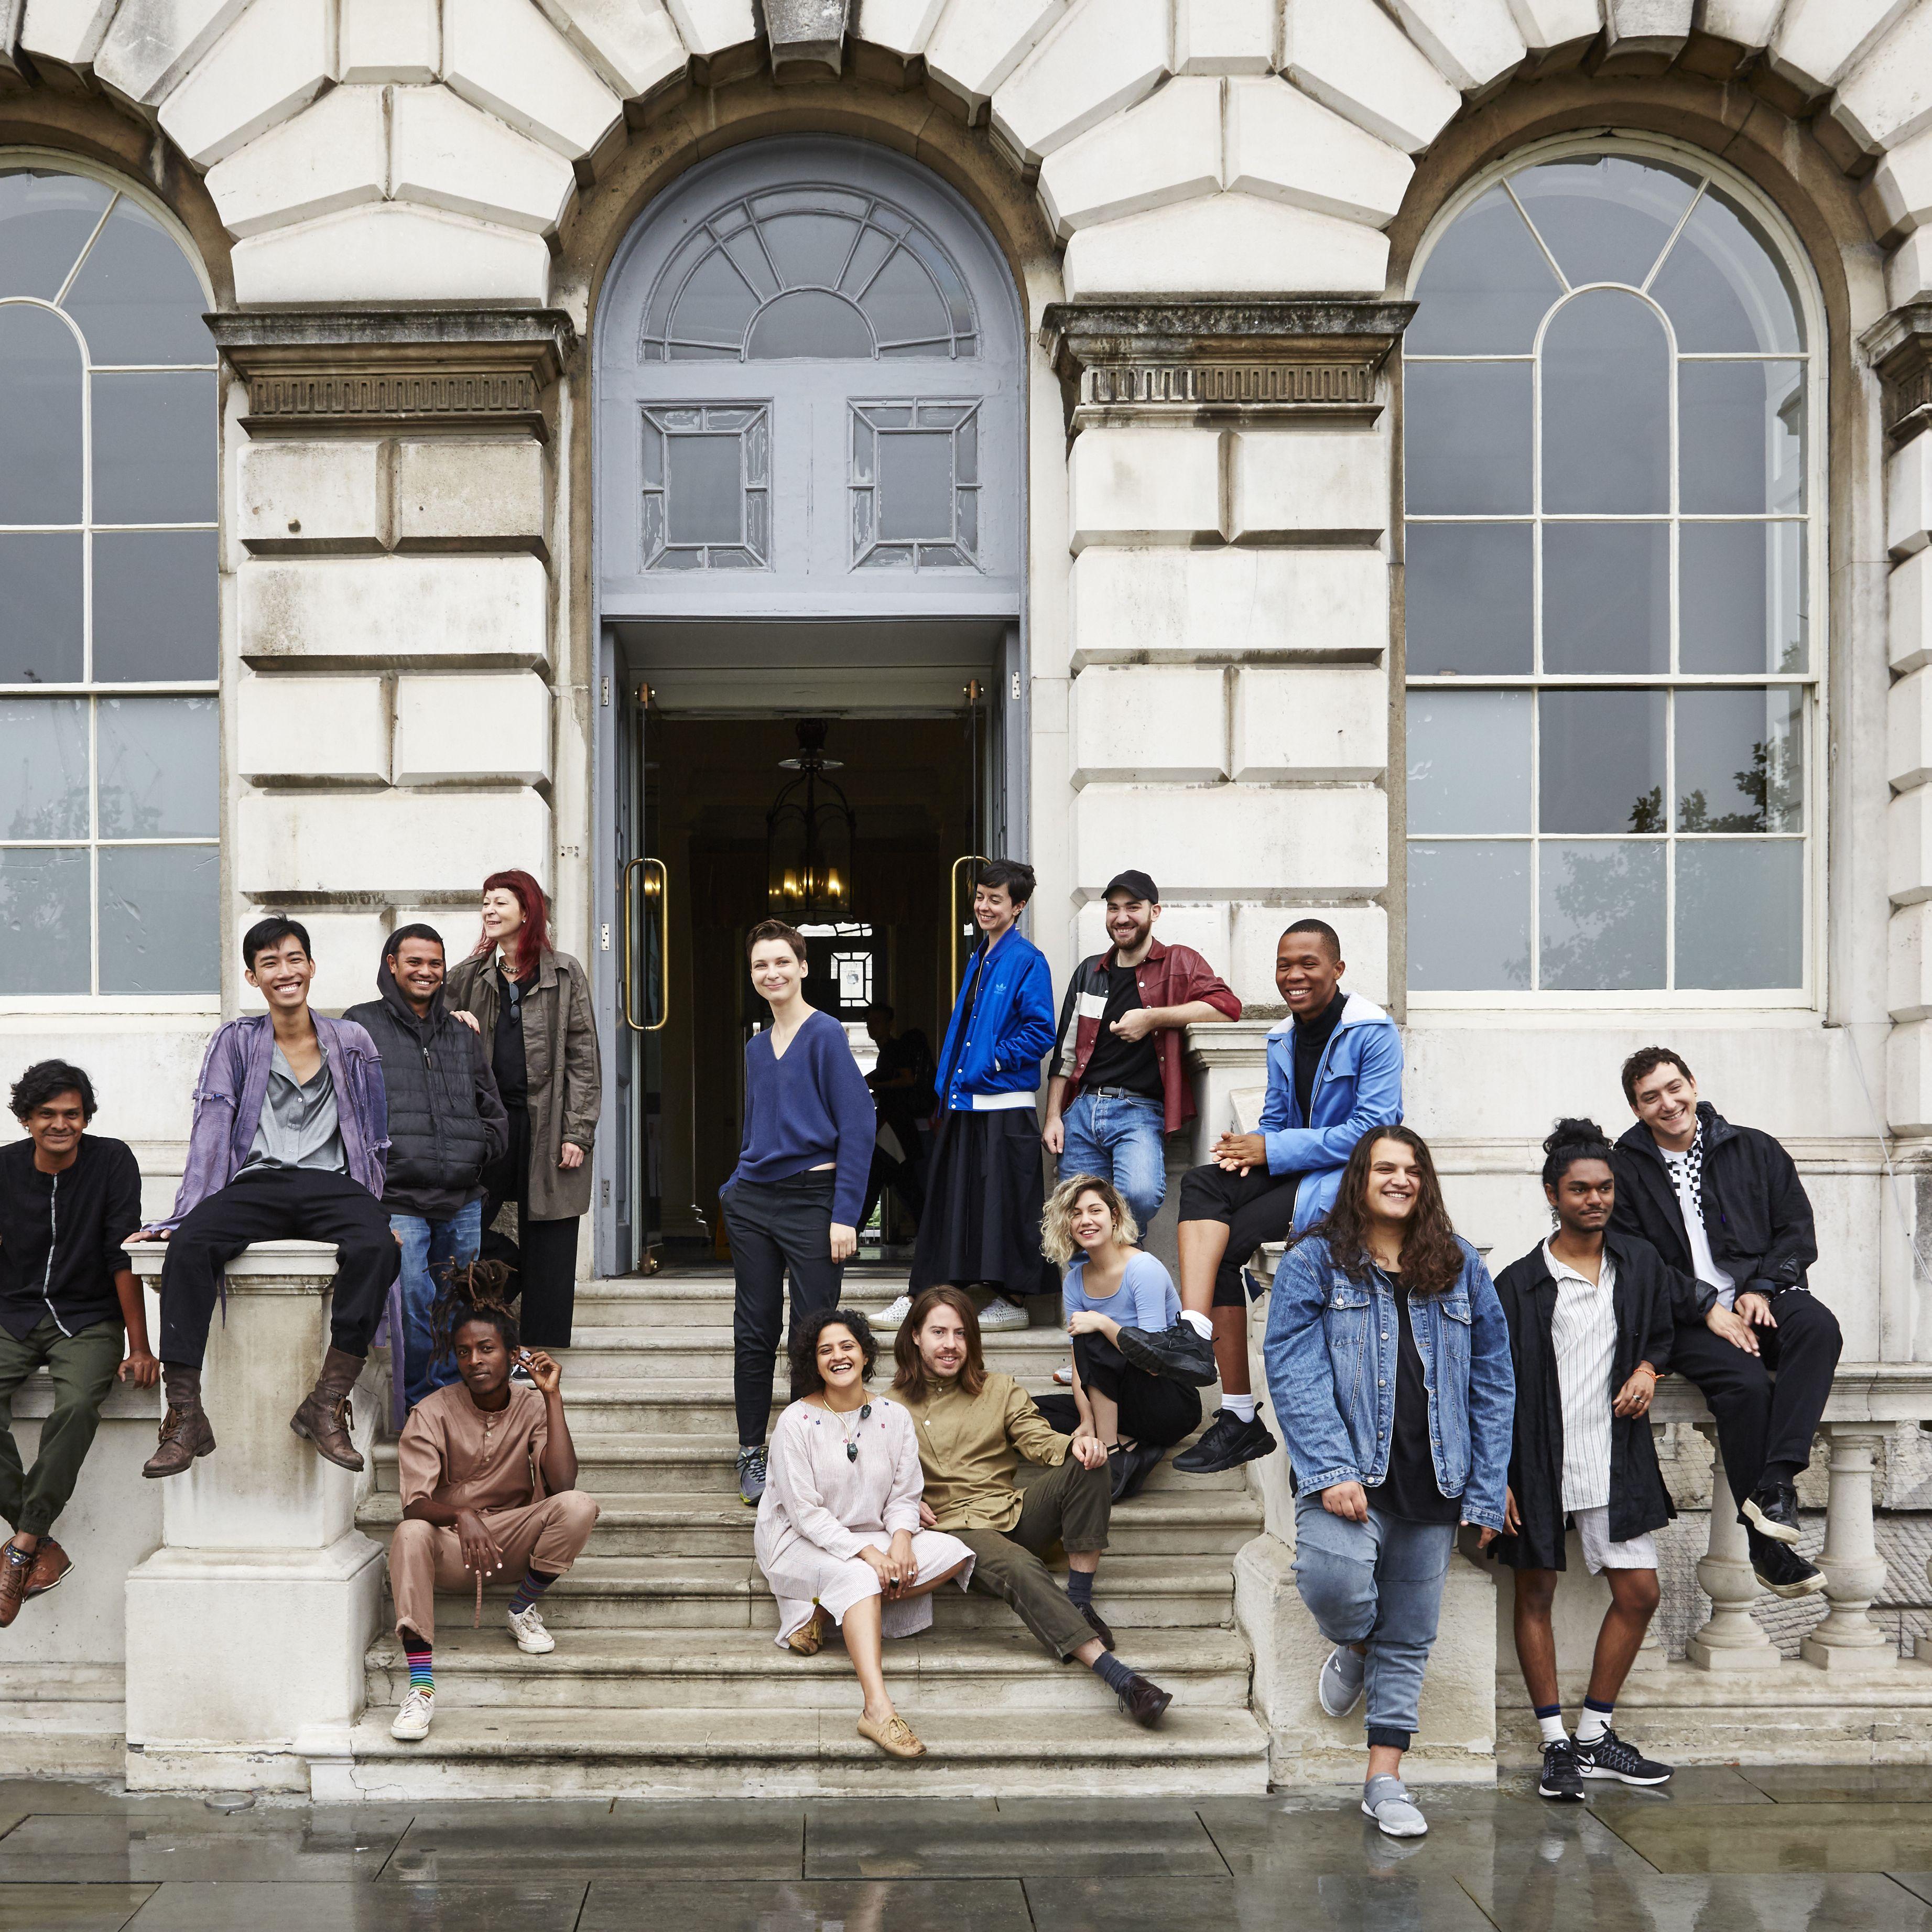 International Fashion Showcase Designers 2019 Image Courtesy of British Council